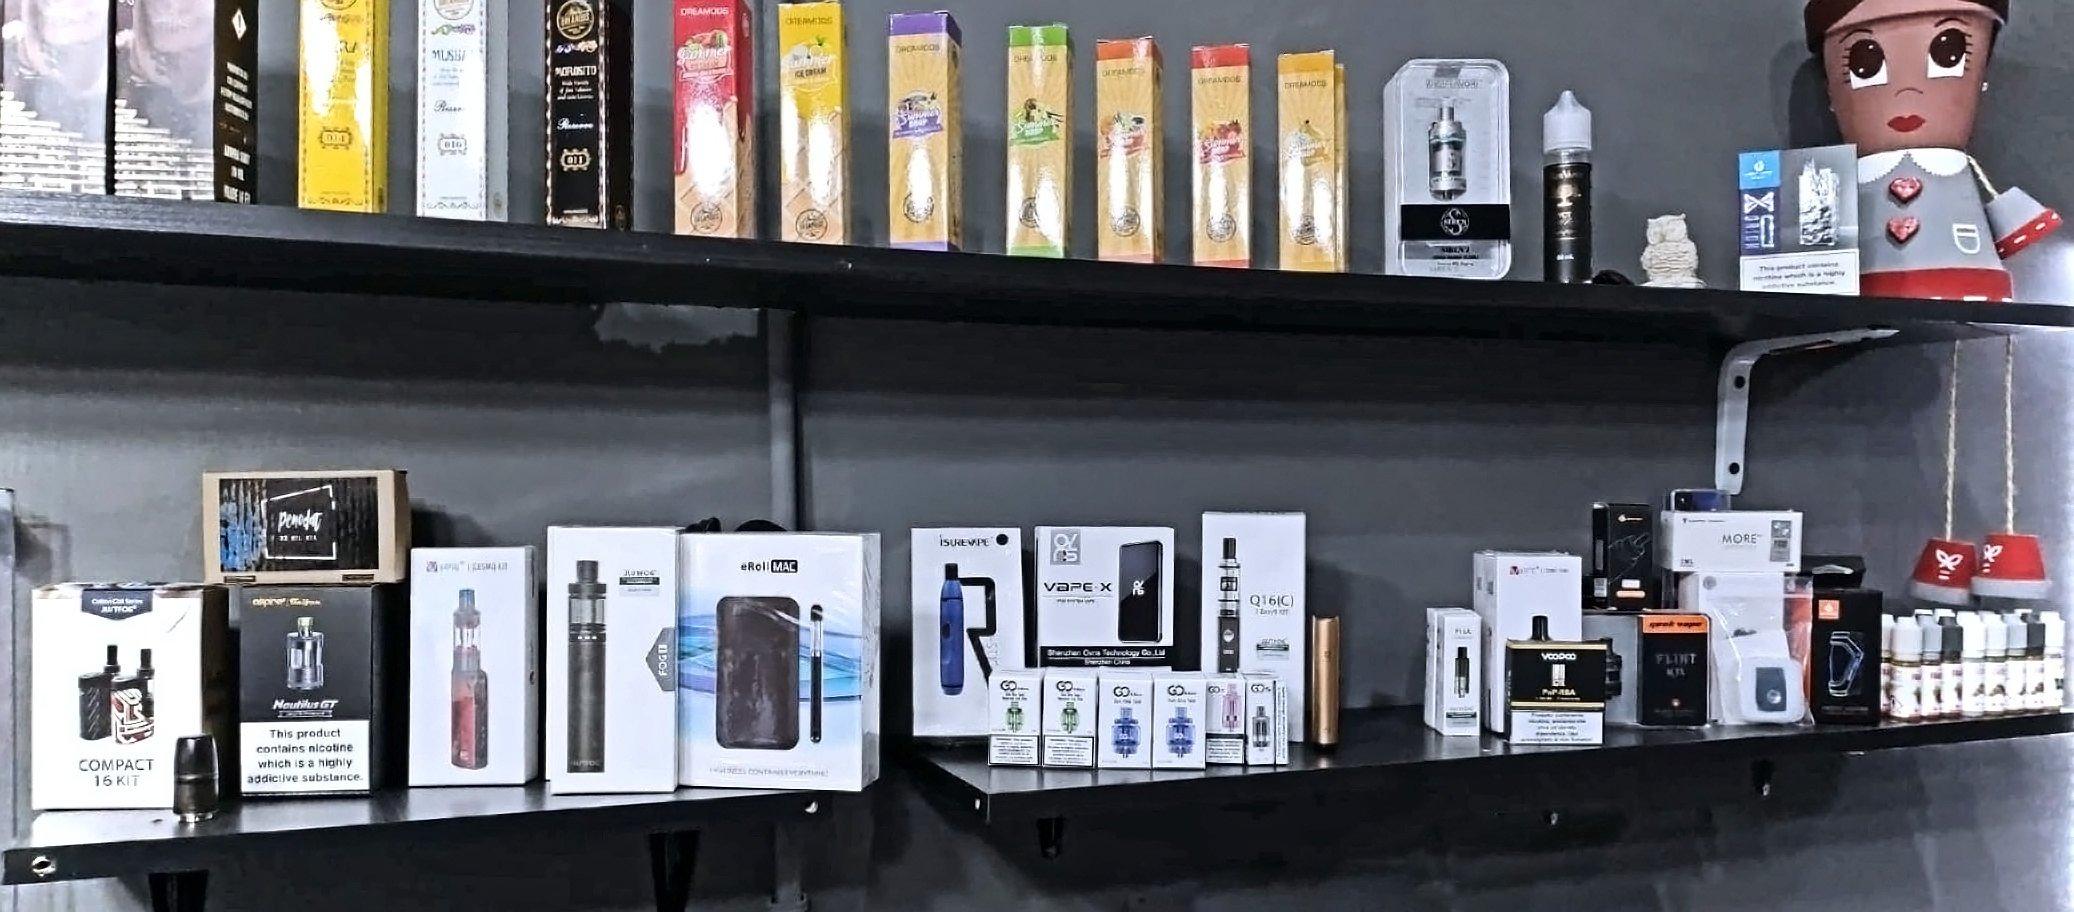 La sigaretta elettronica non agevola il Covid-19, Polese risponde al sindaco di New York